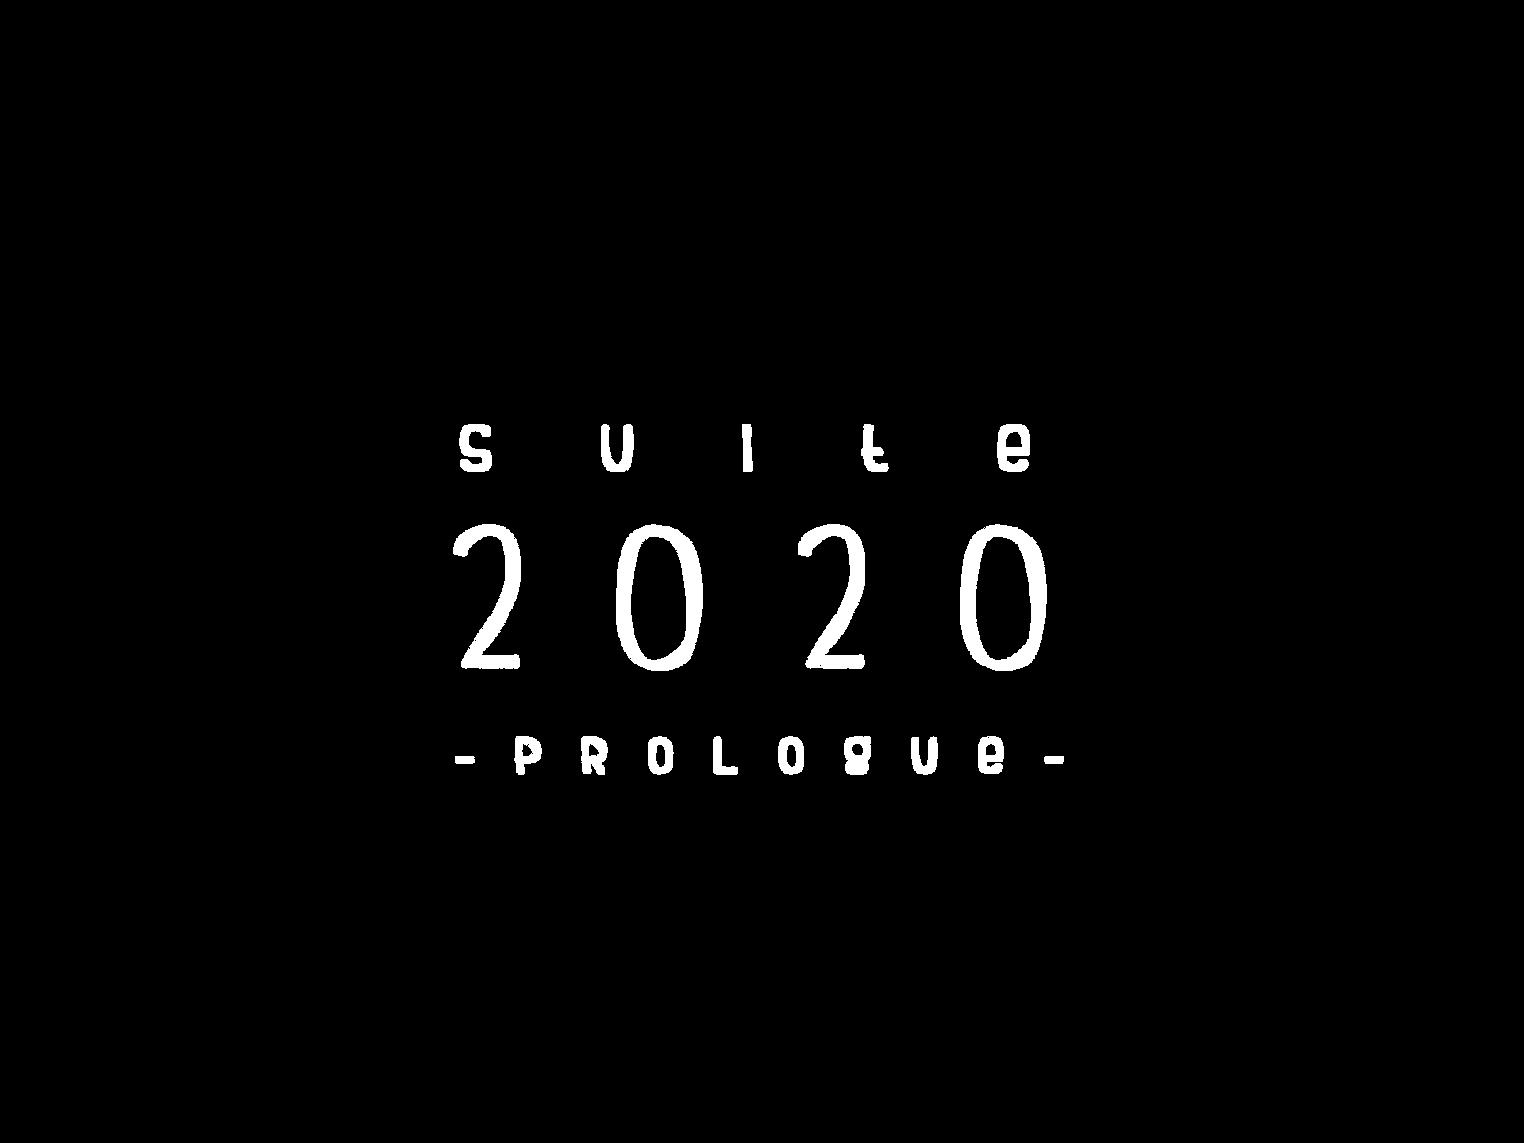 logo_suite2020_prologue.png